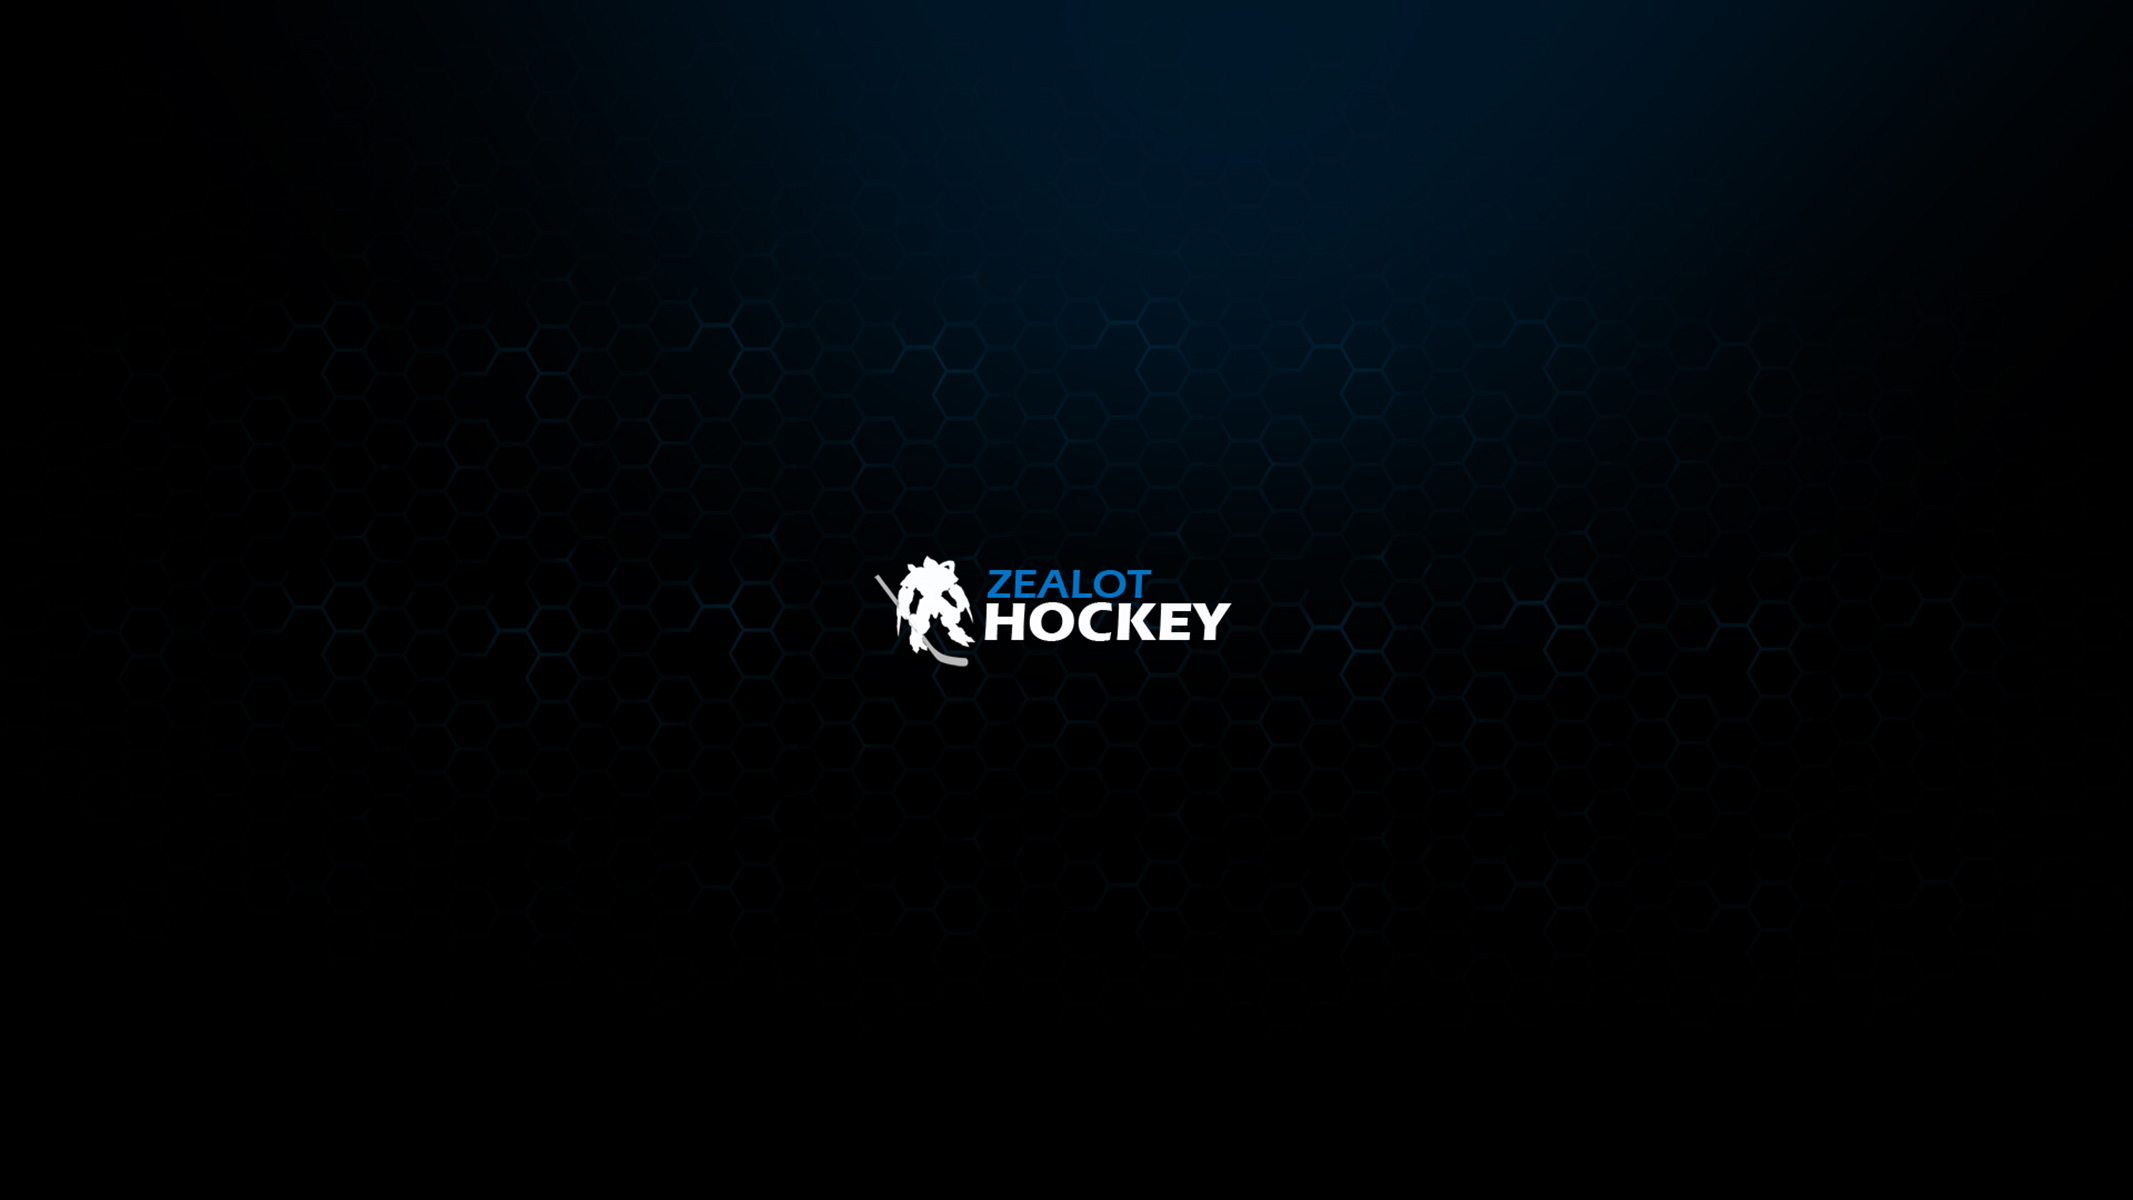 Zealot Hockey